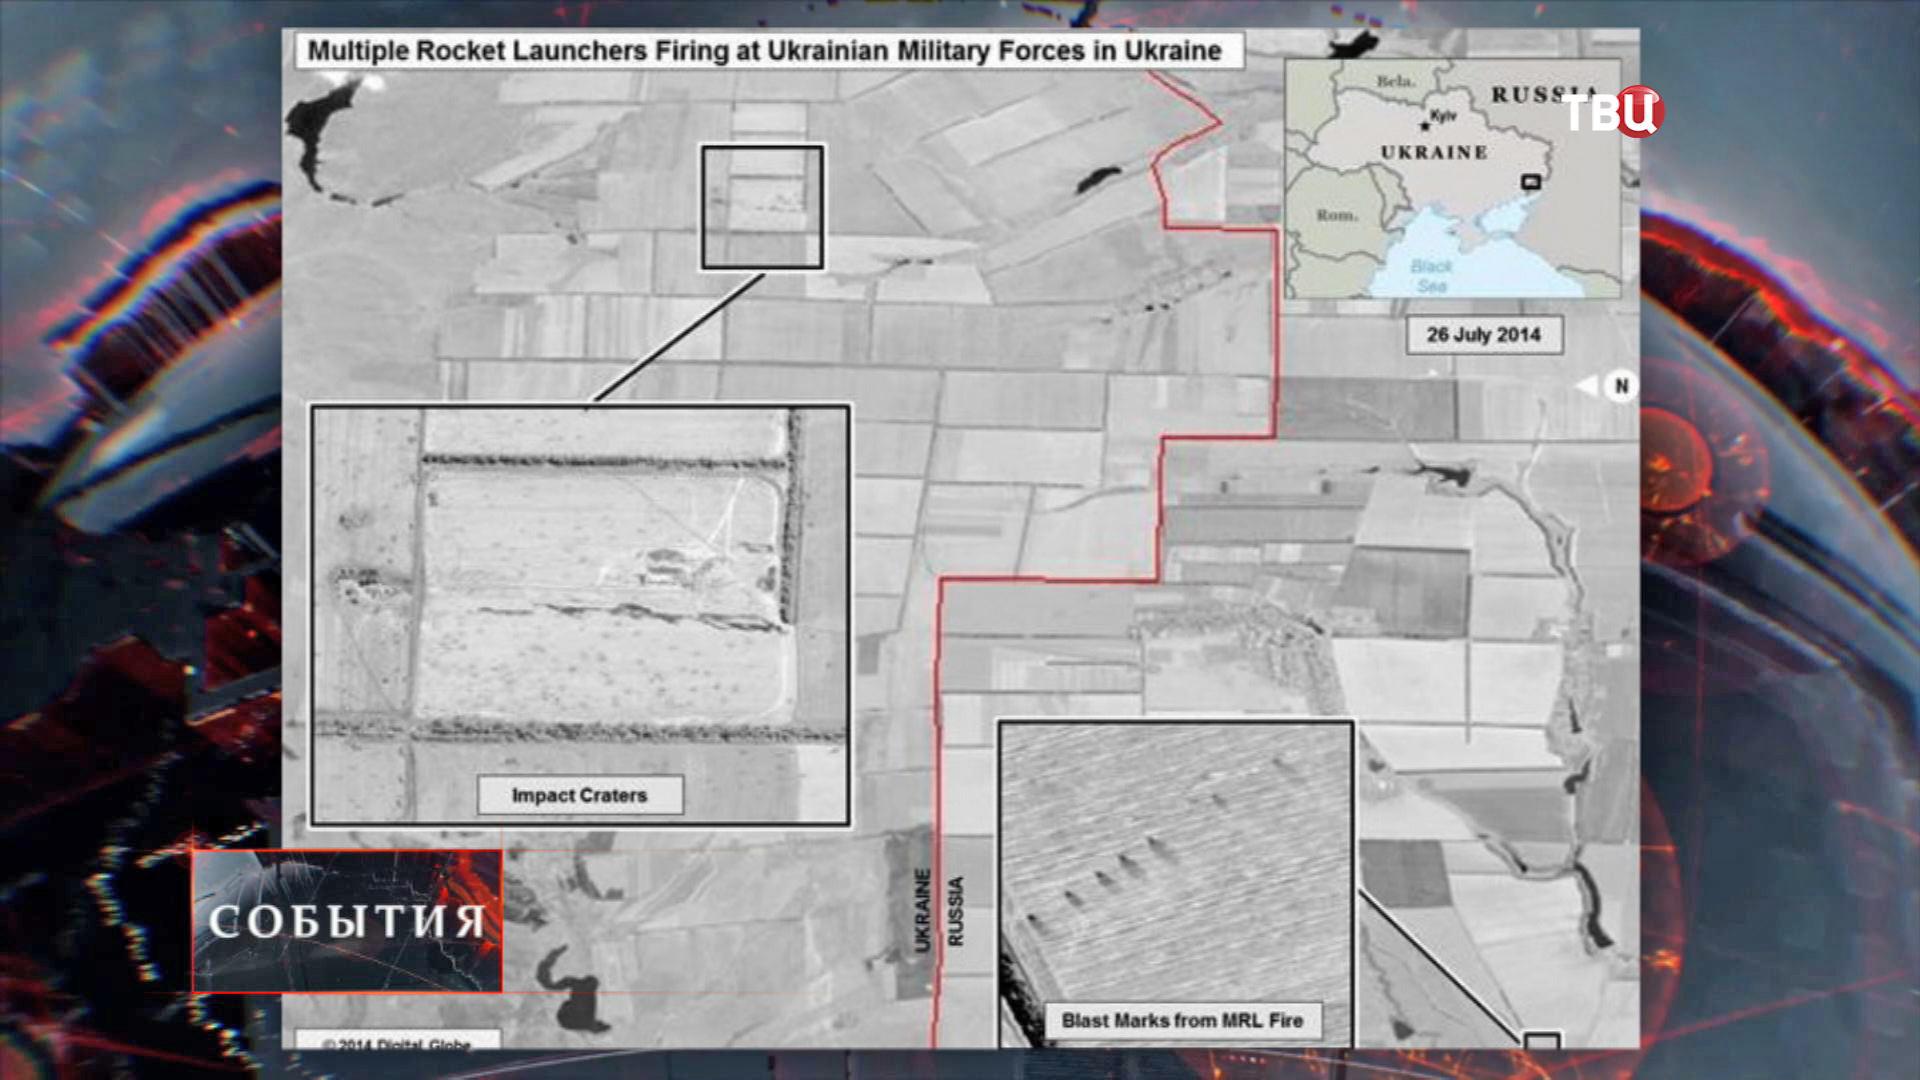 Cнимки, опубликованные послом США в Киеве Джеффри Пайеттом